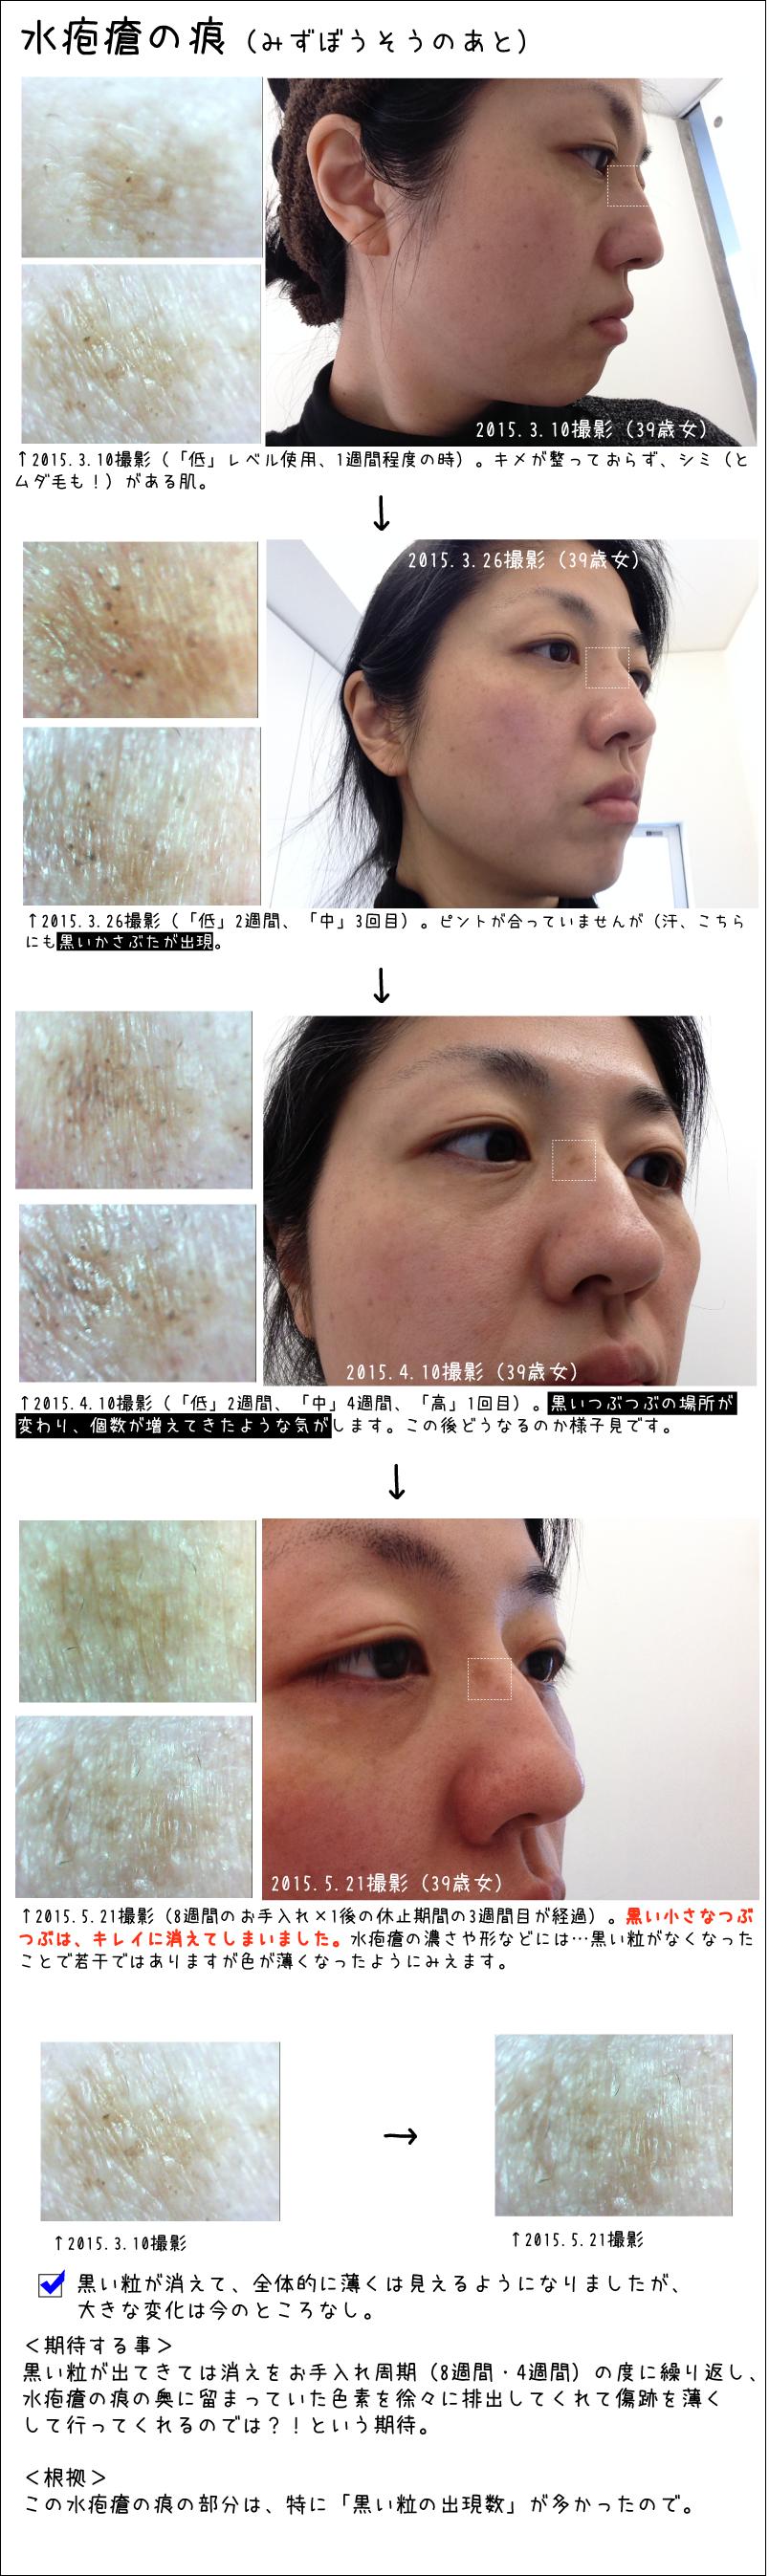 水疱瘡の痕(みずぼうそうのあと)。2015.5.21撮影(8週間のお手入れ×1後の休止期間の3週間目が経過)。黒い小さなつぶつぶは、キレイに消えてしまいました。水疱瘡の濃さや形などには…黒い粒がなくなったことで若干ではありますが色が薄くなったようにみえます。黒い粒が消えて、全体的に薄くは見えるようになりましたが、大きな変化は今のところなし。<期待する事>黒い粒が出てきては消えをお手入れ周期(8週間・4週間)の度に繰り返し、水疱瘡の痕の奥に留まっていた色素を徐々に排出してくれて傷跡を薄くして行ってくれるのでは?!という期待。<根拠>この水疱瘡の痕の部分は、特に「黒い粒の出現数」が多かったので。